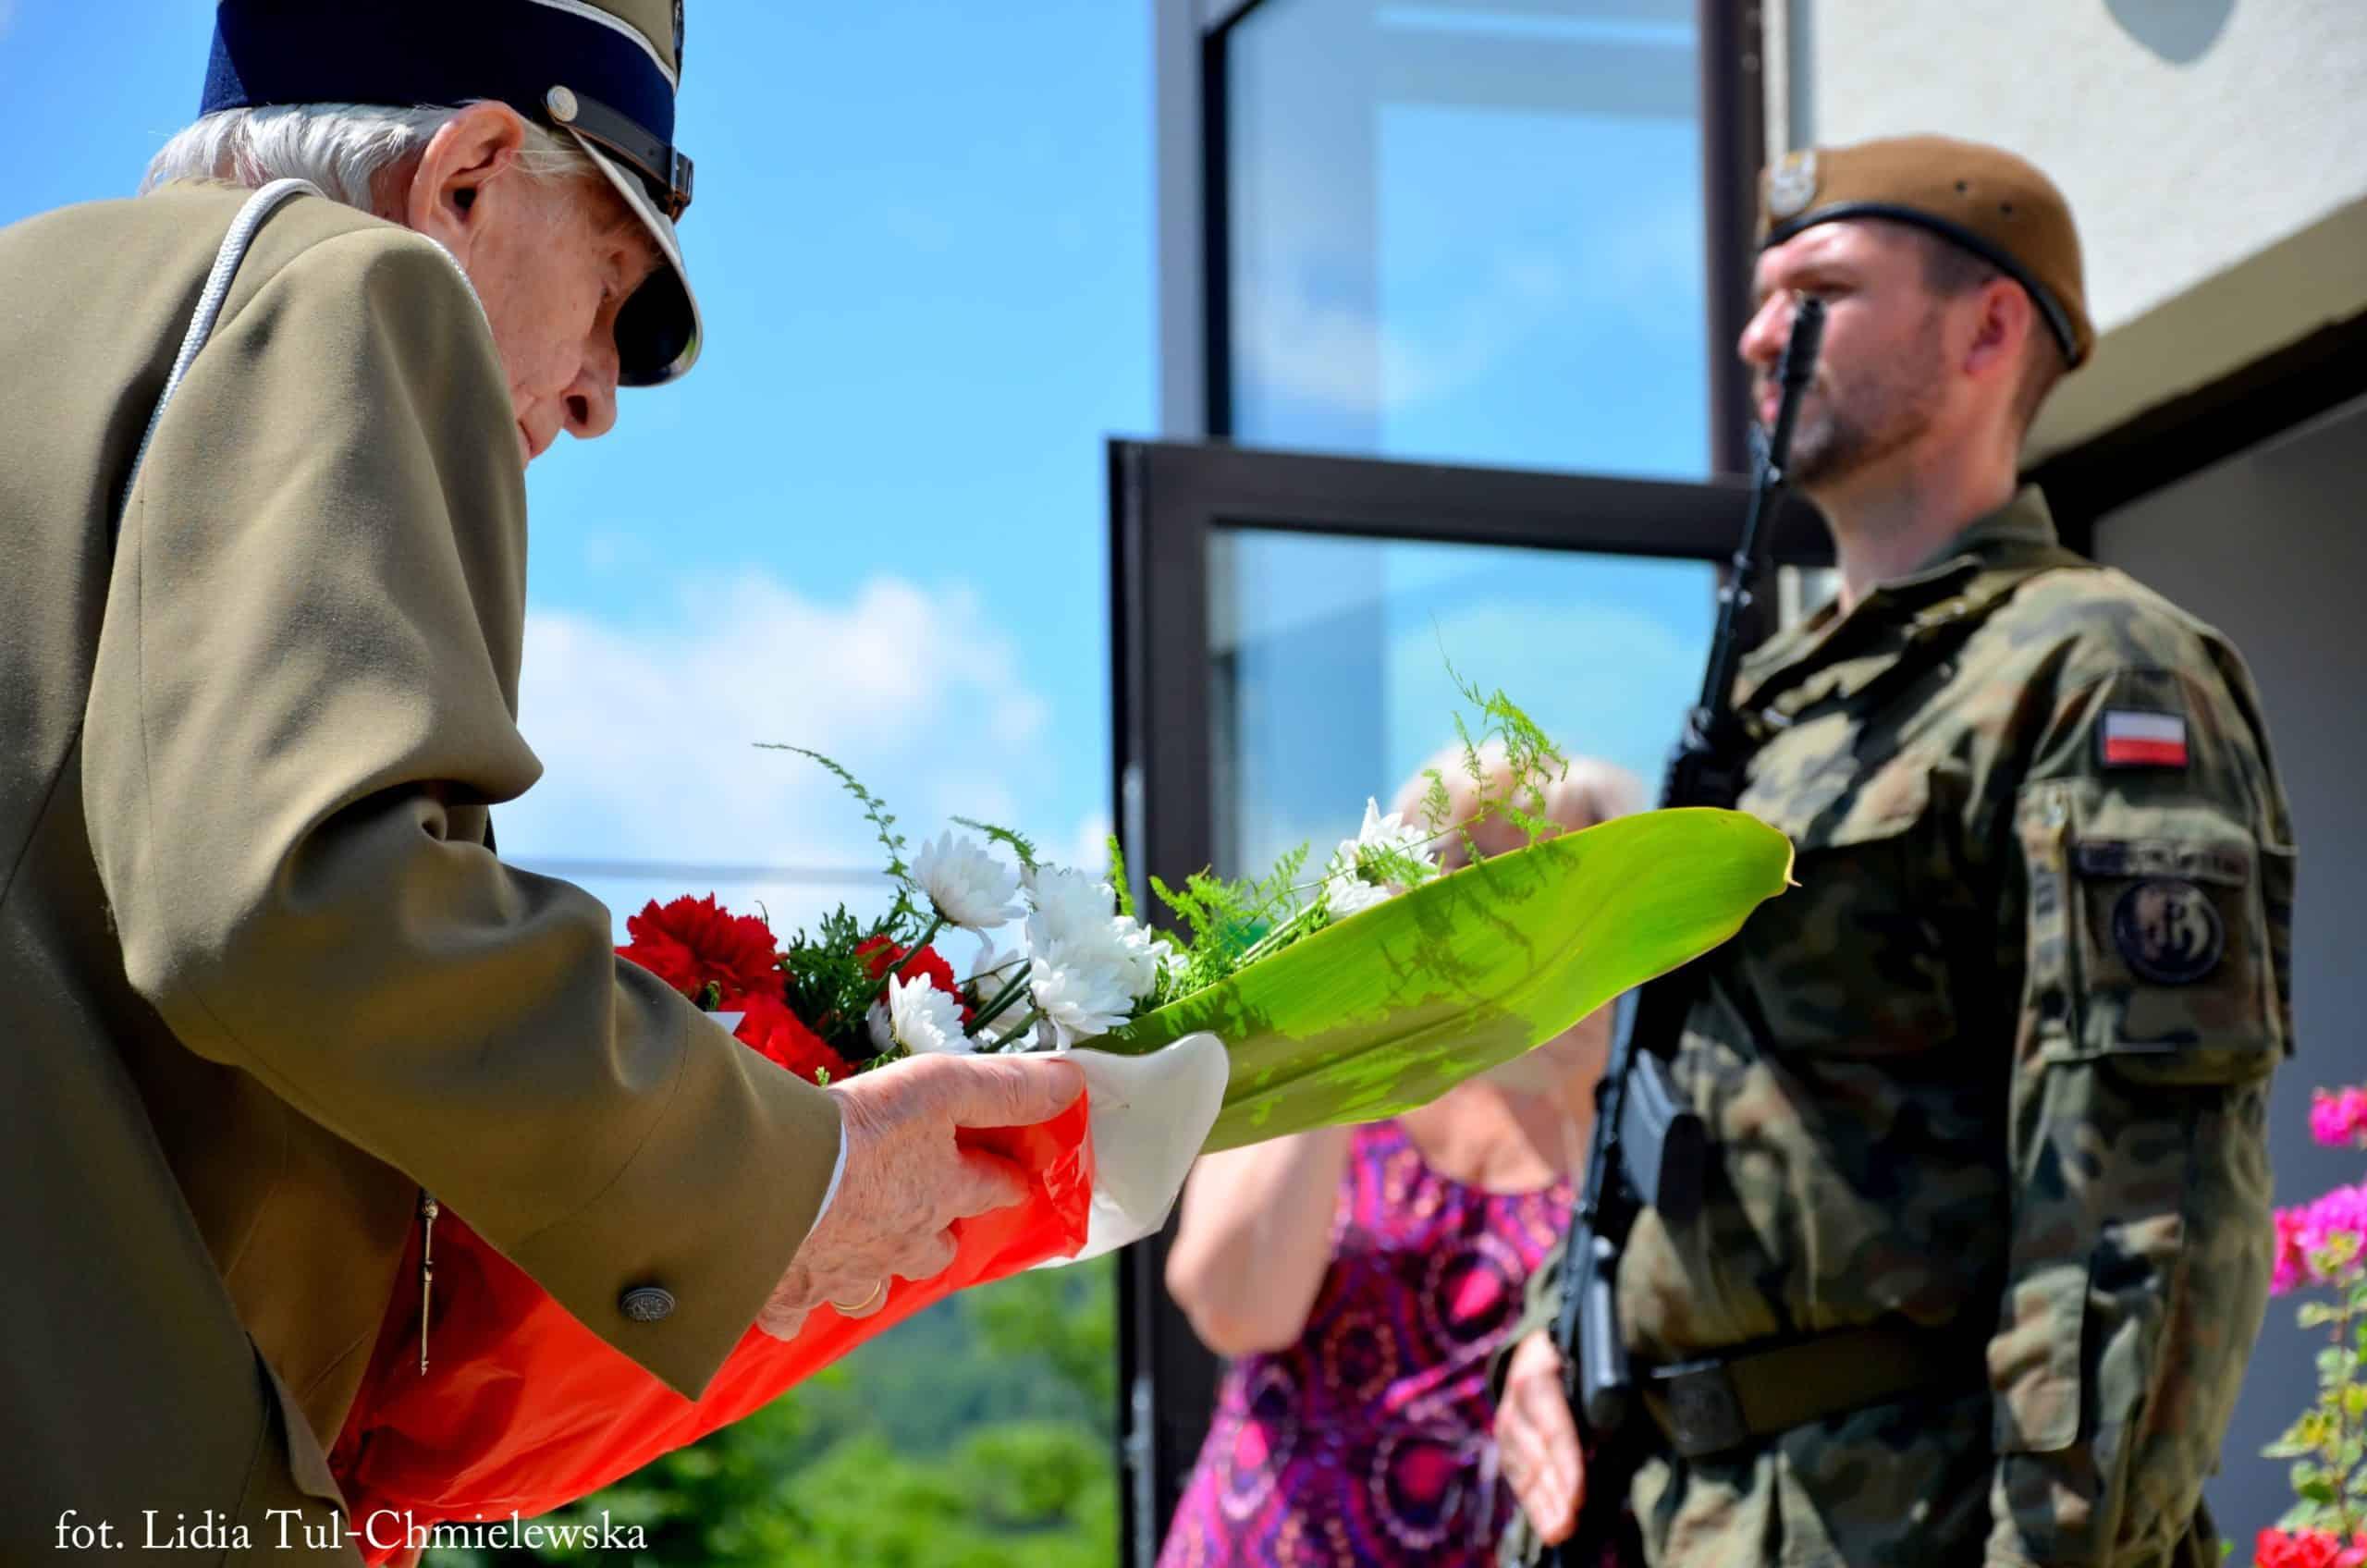 Złożenie kwiatów przez kombatantów AK/ fot. Lidia Tul-Chmielewska